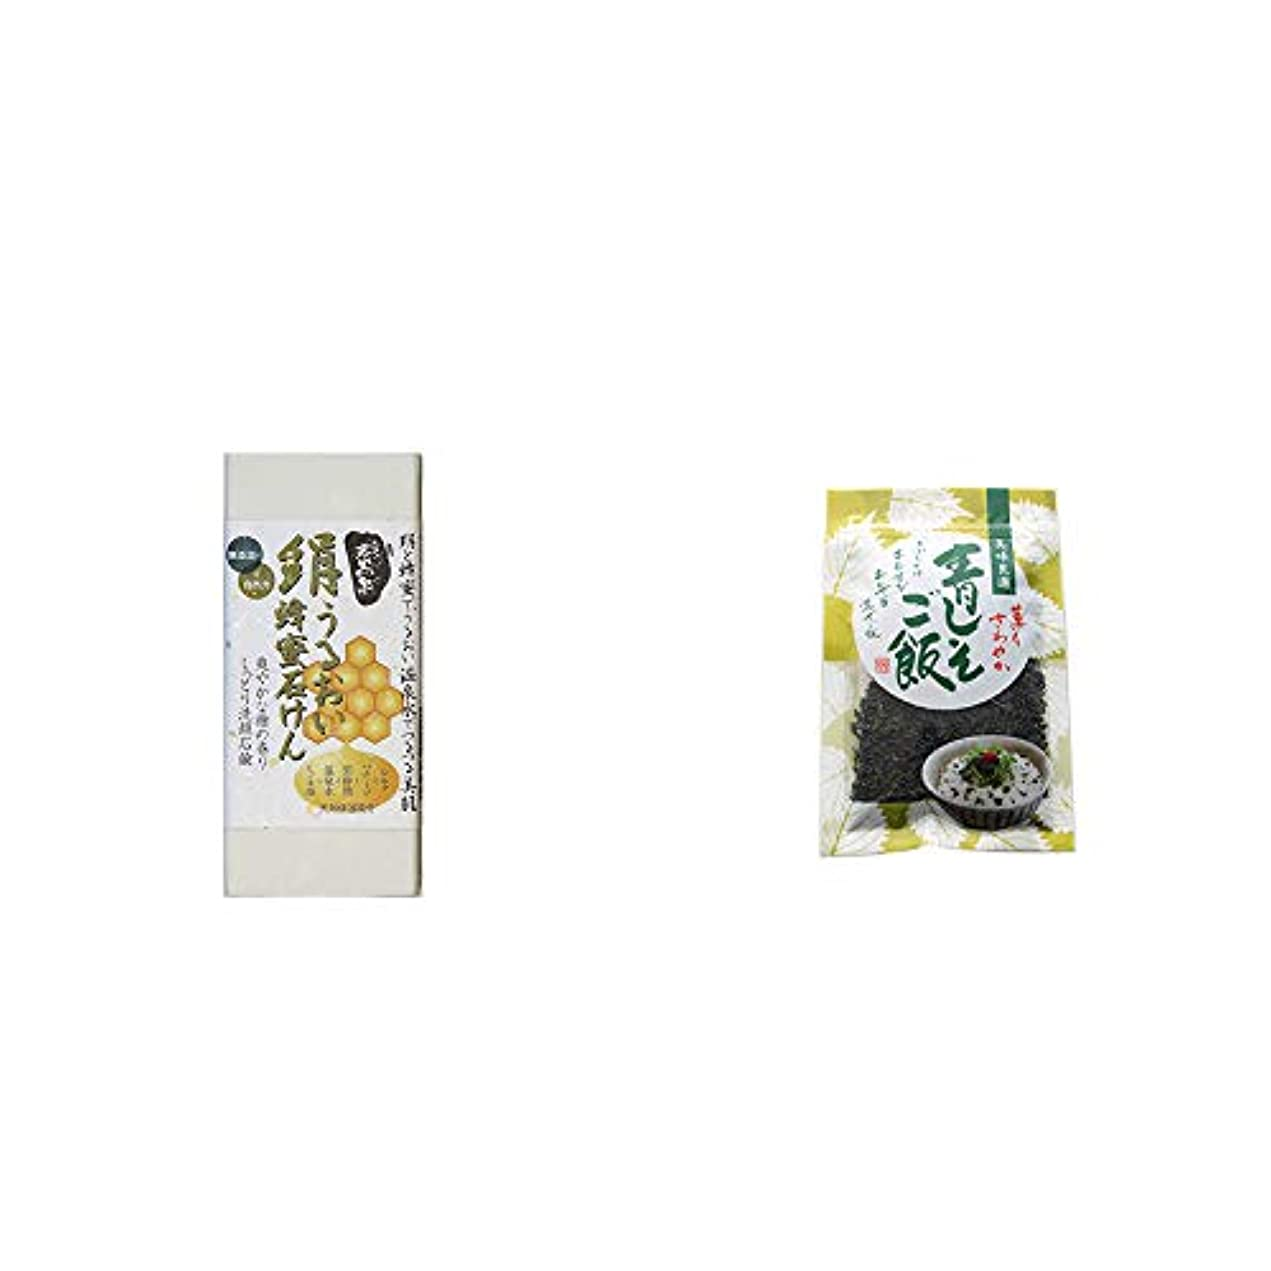 ブッシュ種をまく許容[2点セット] ひのき炭黒泉 絹うるおい蜂蜜石けん(75g×2)?薫りさわやか 青しそご飯(80g)